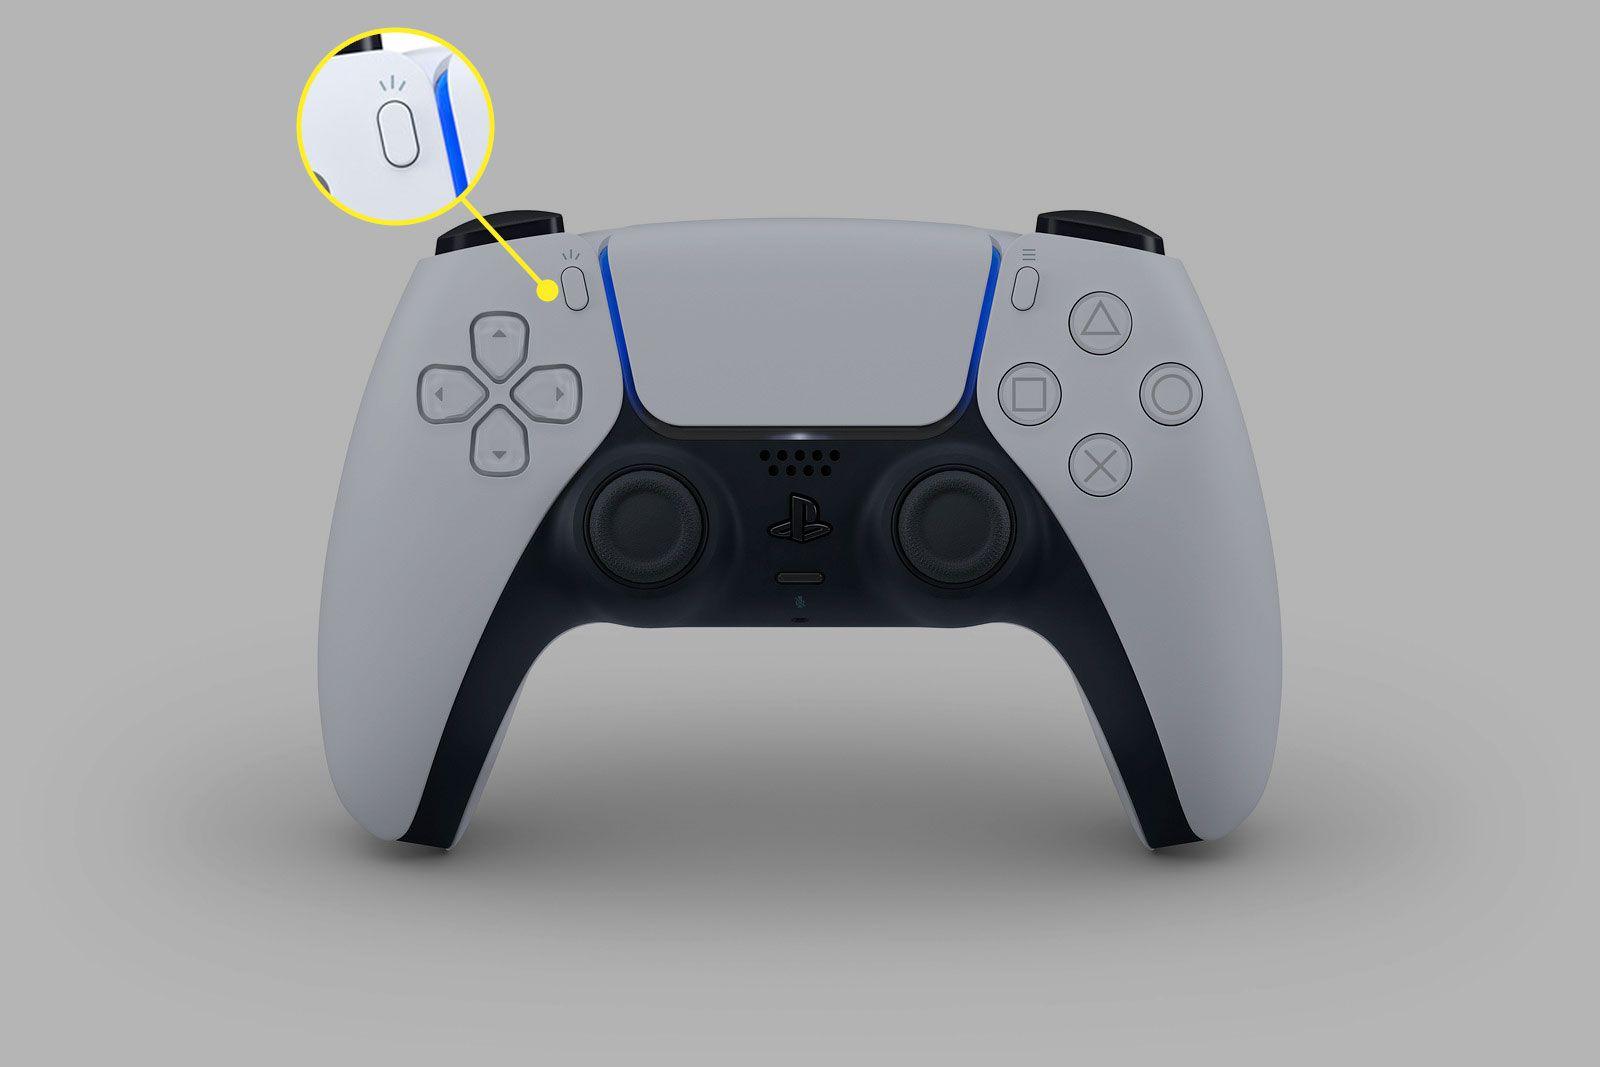 The Create button on a DualSense controller for PS5